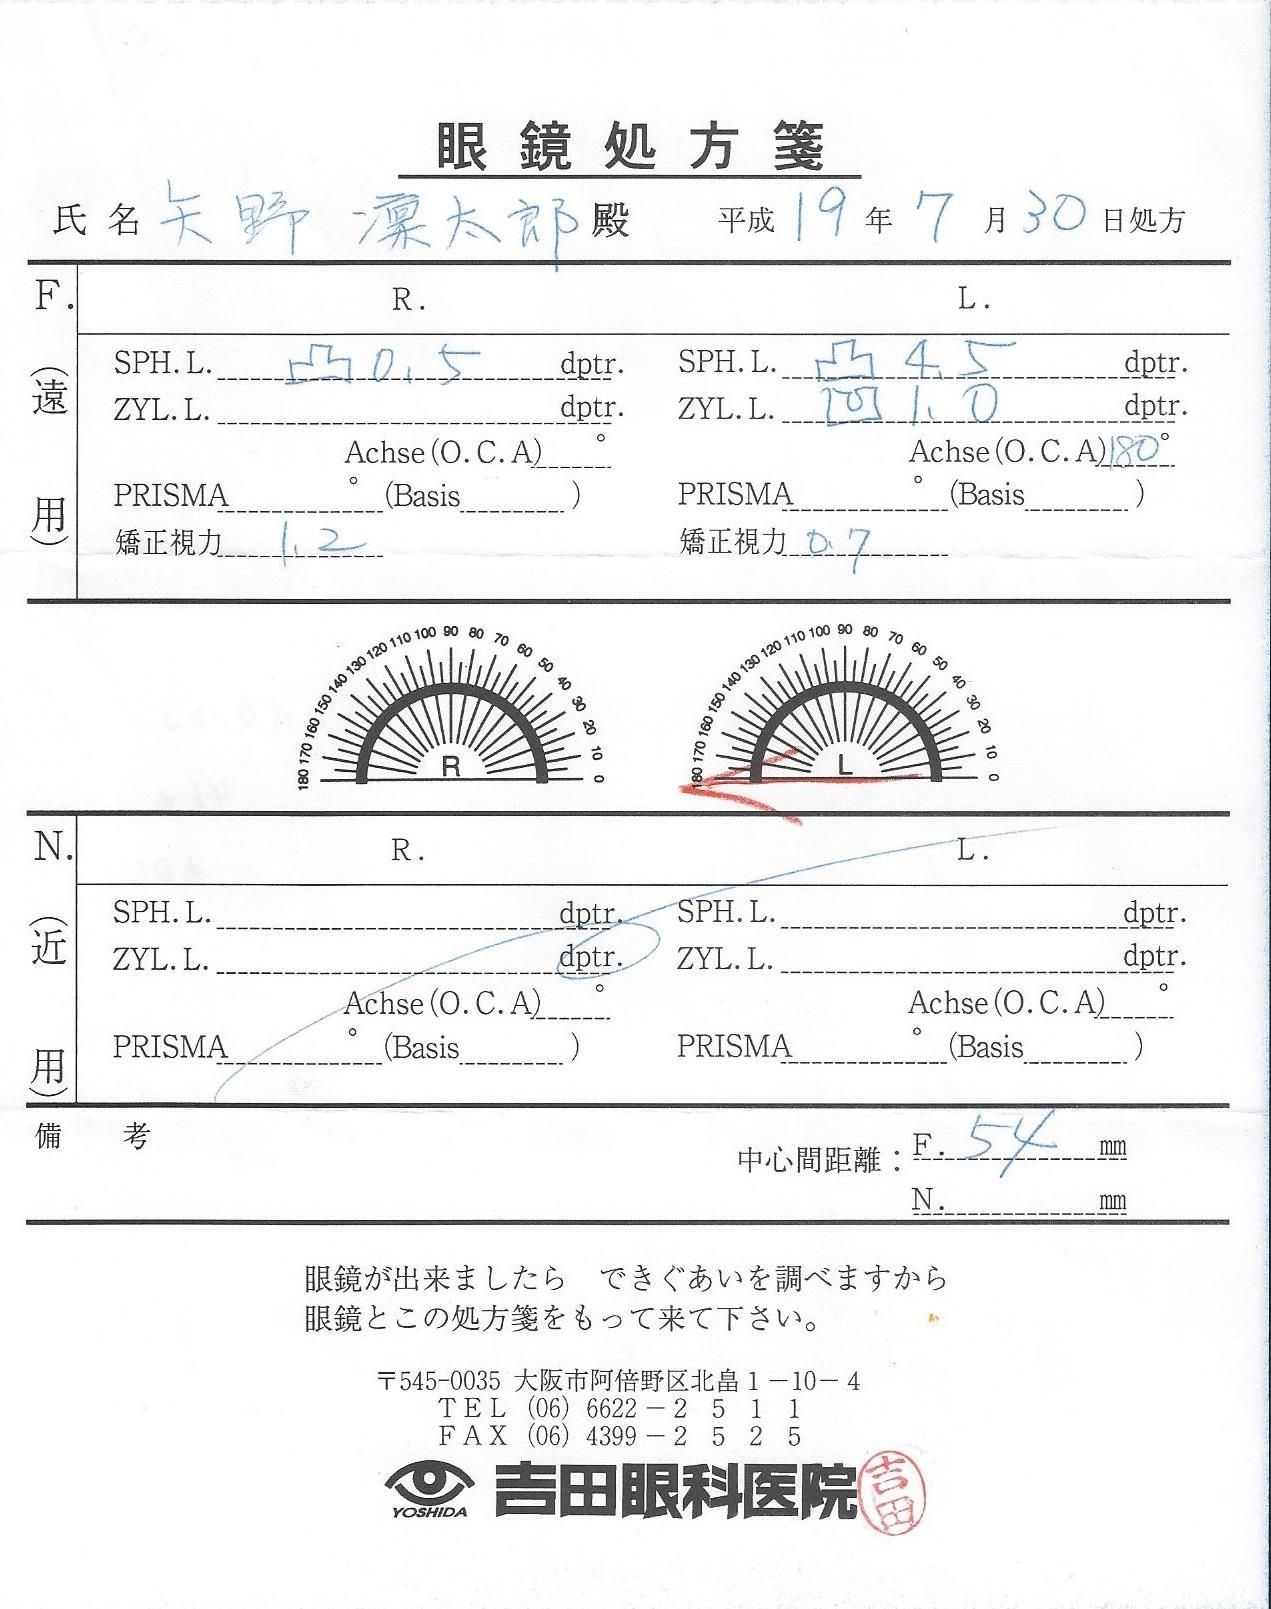 凜太郎2007処方箋